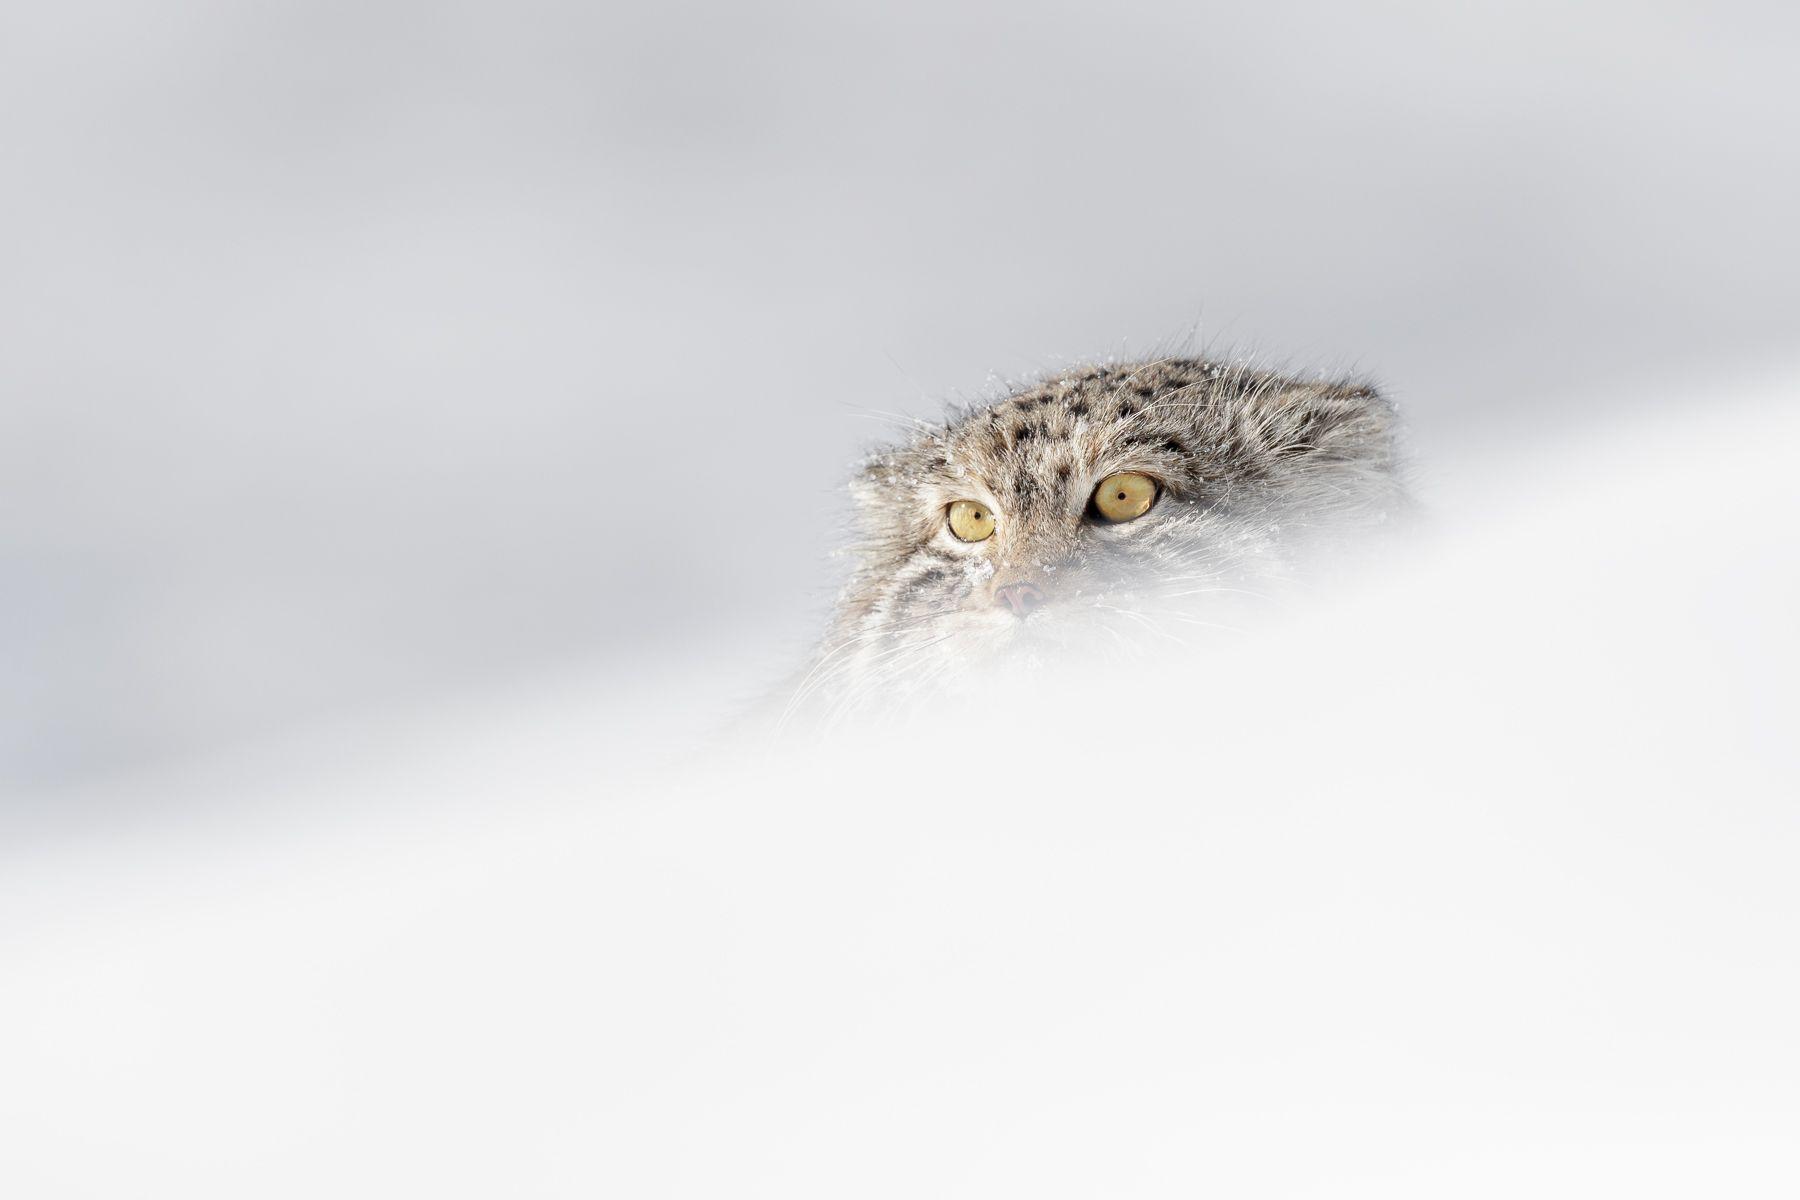 Pallas Cat in Snow in Winter in Mongolia